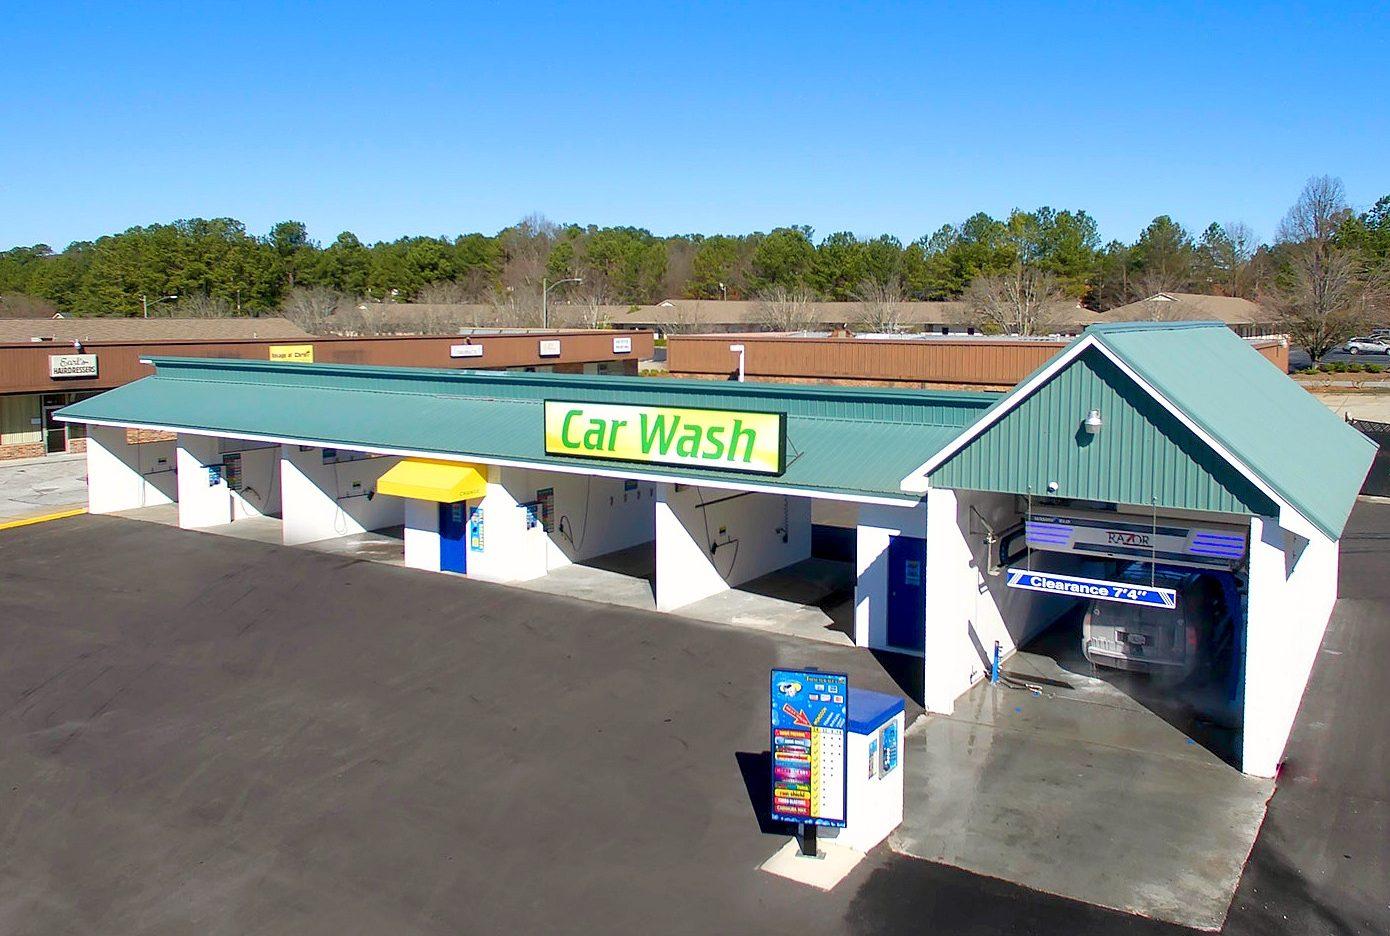 Greensboro Self Service Car Wash